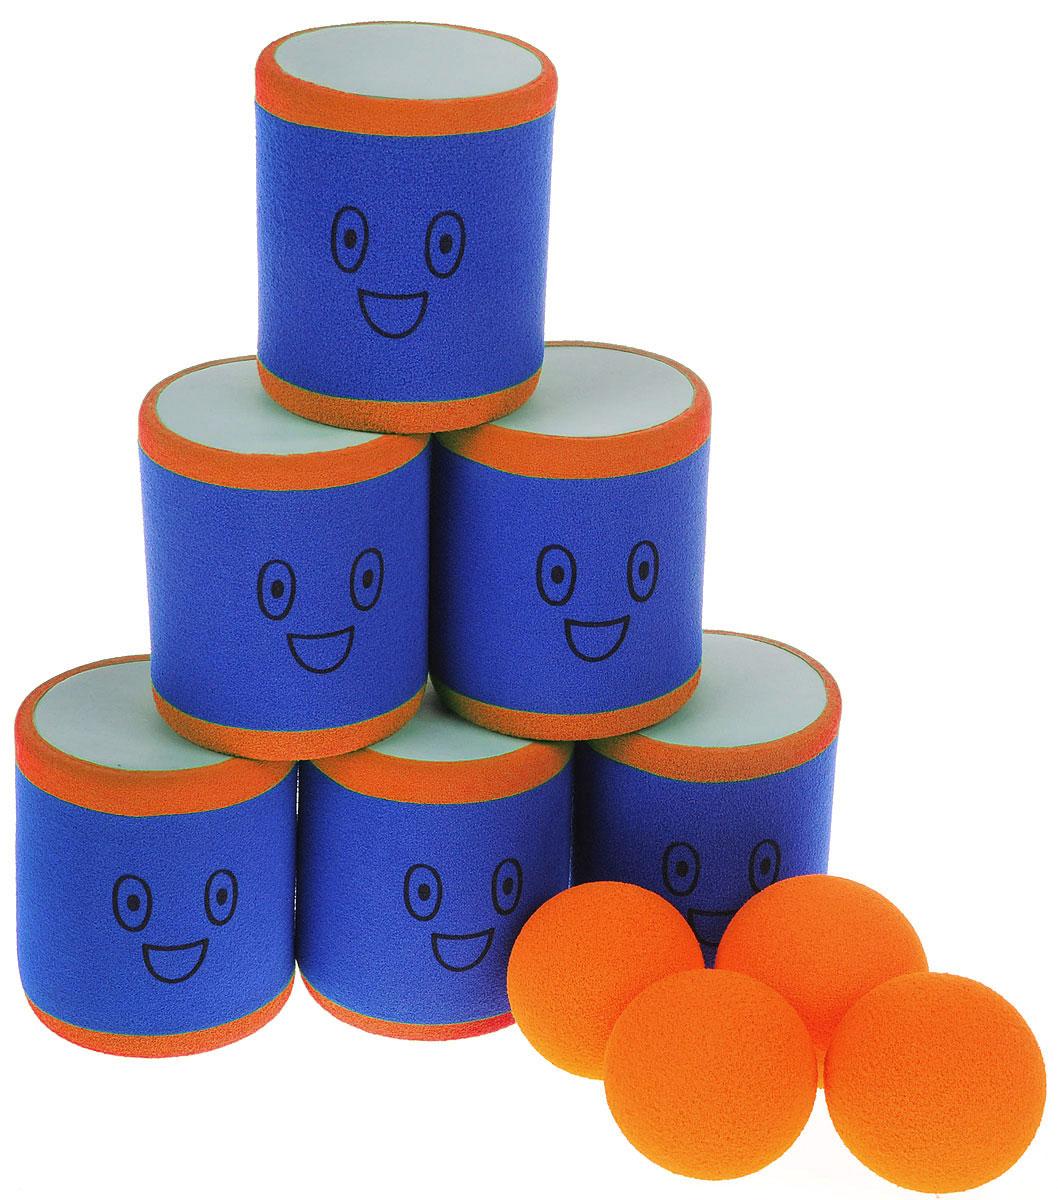 Safsof Игровой набор Городки цвет синий оранжевый AT-02N(B)_синий, оранжевый